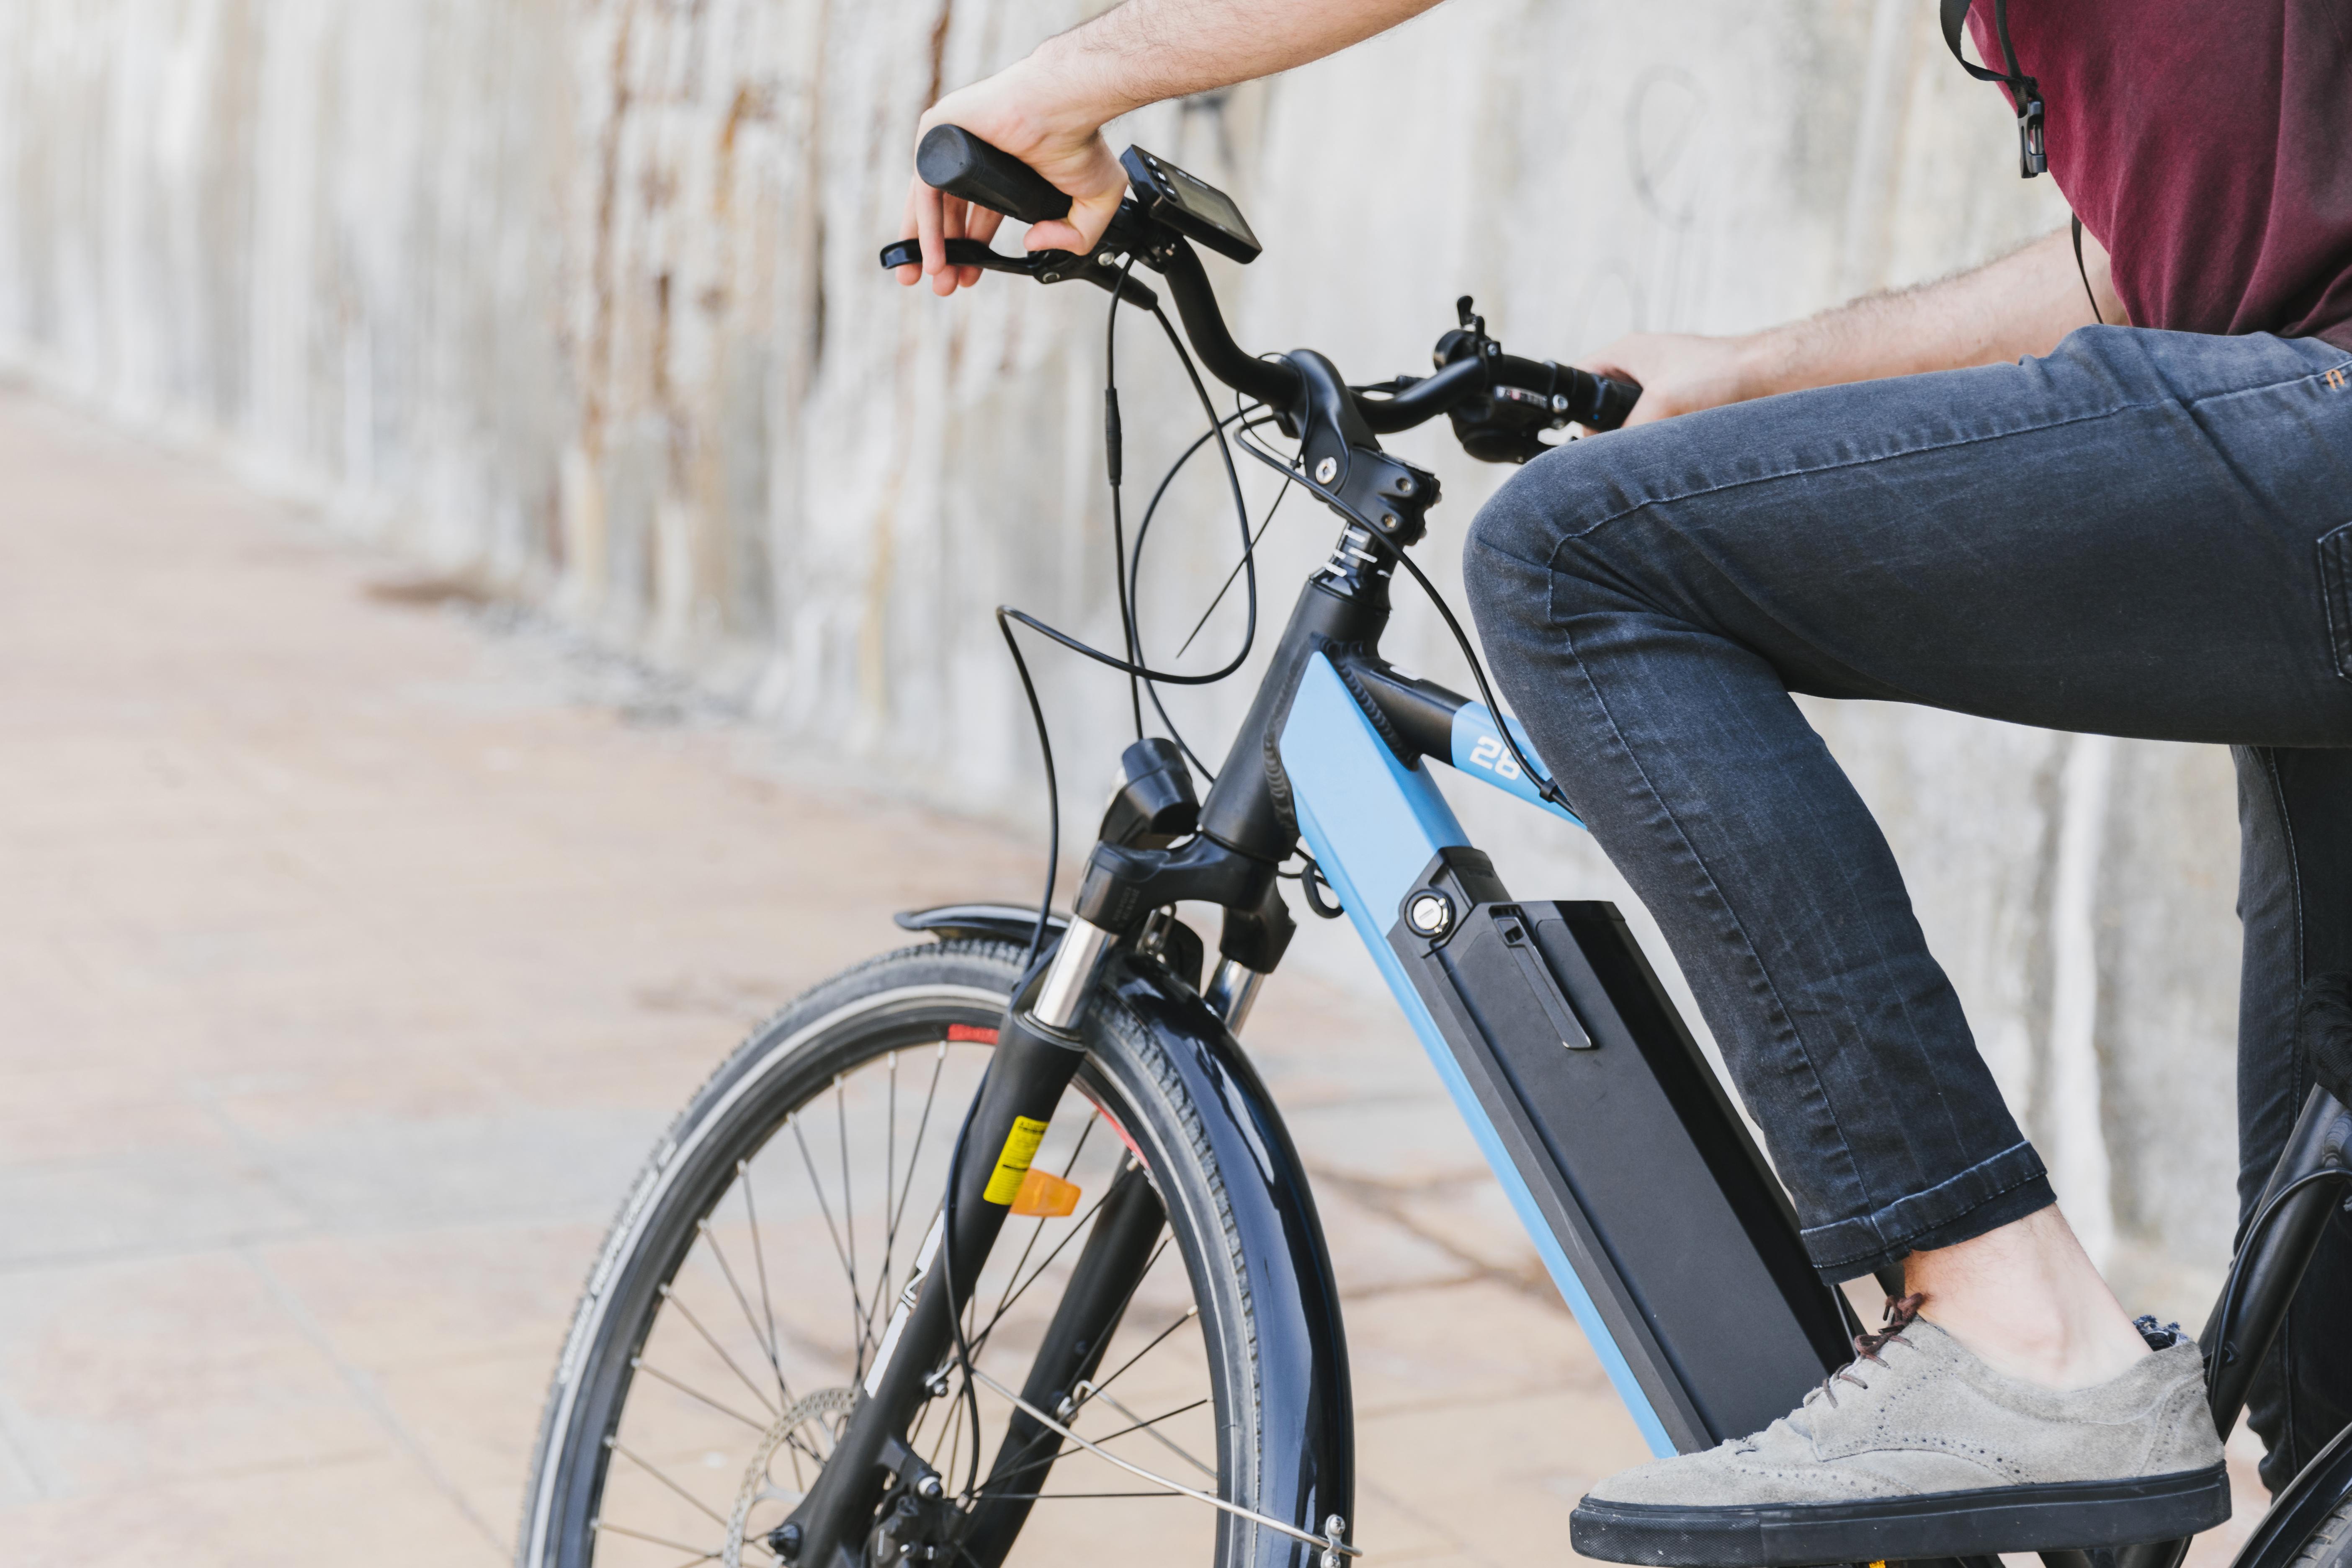 Forbedre batterilivet på en e-bike: dette skal observeres